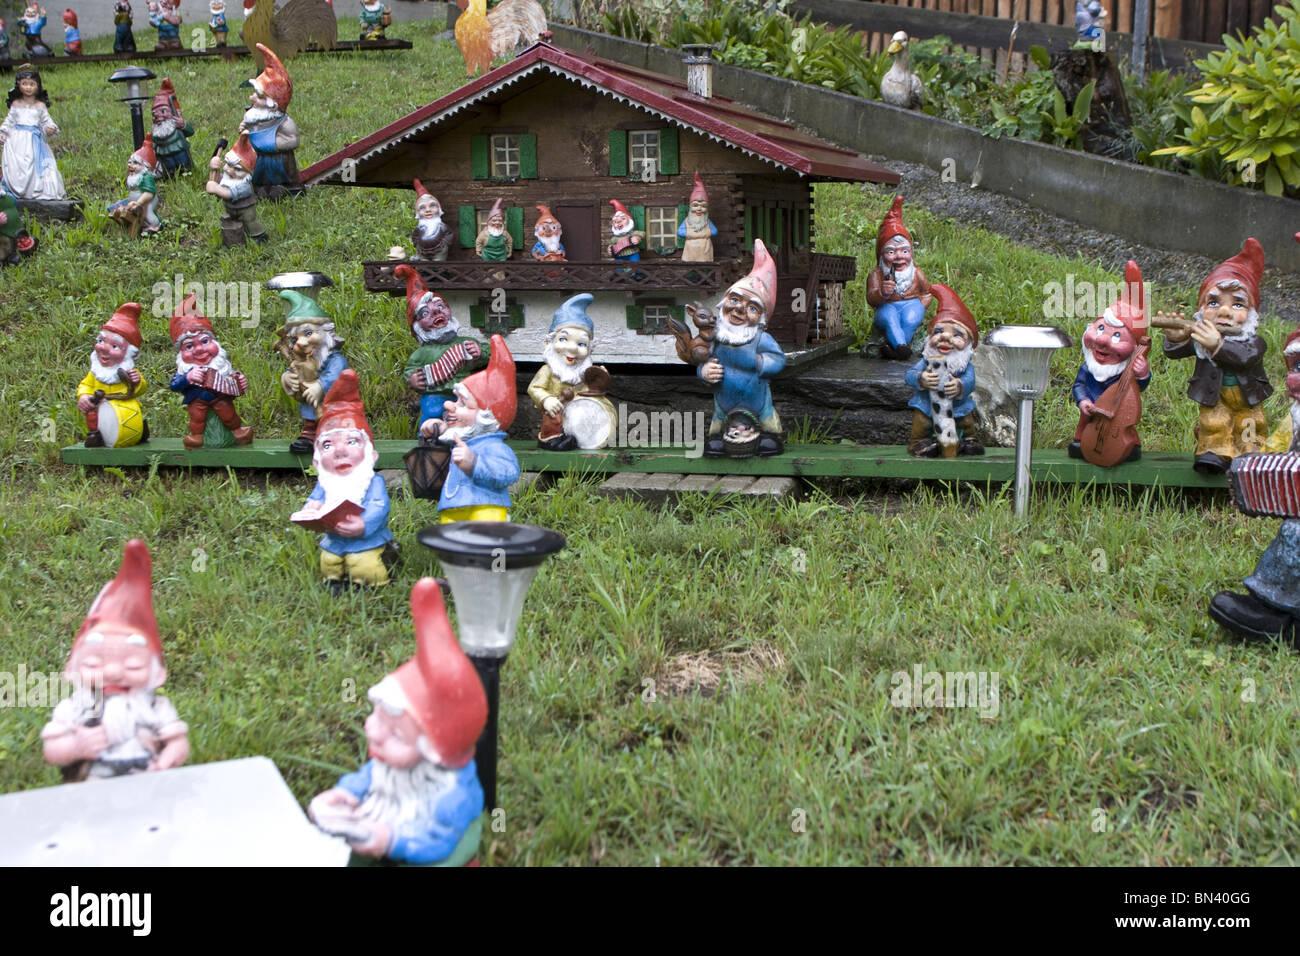 Chalet Nursery And Garden Center: Funny Garden Gnomes Stock Photos & Funny Garden Gnomes